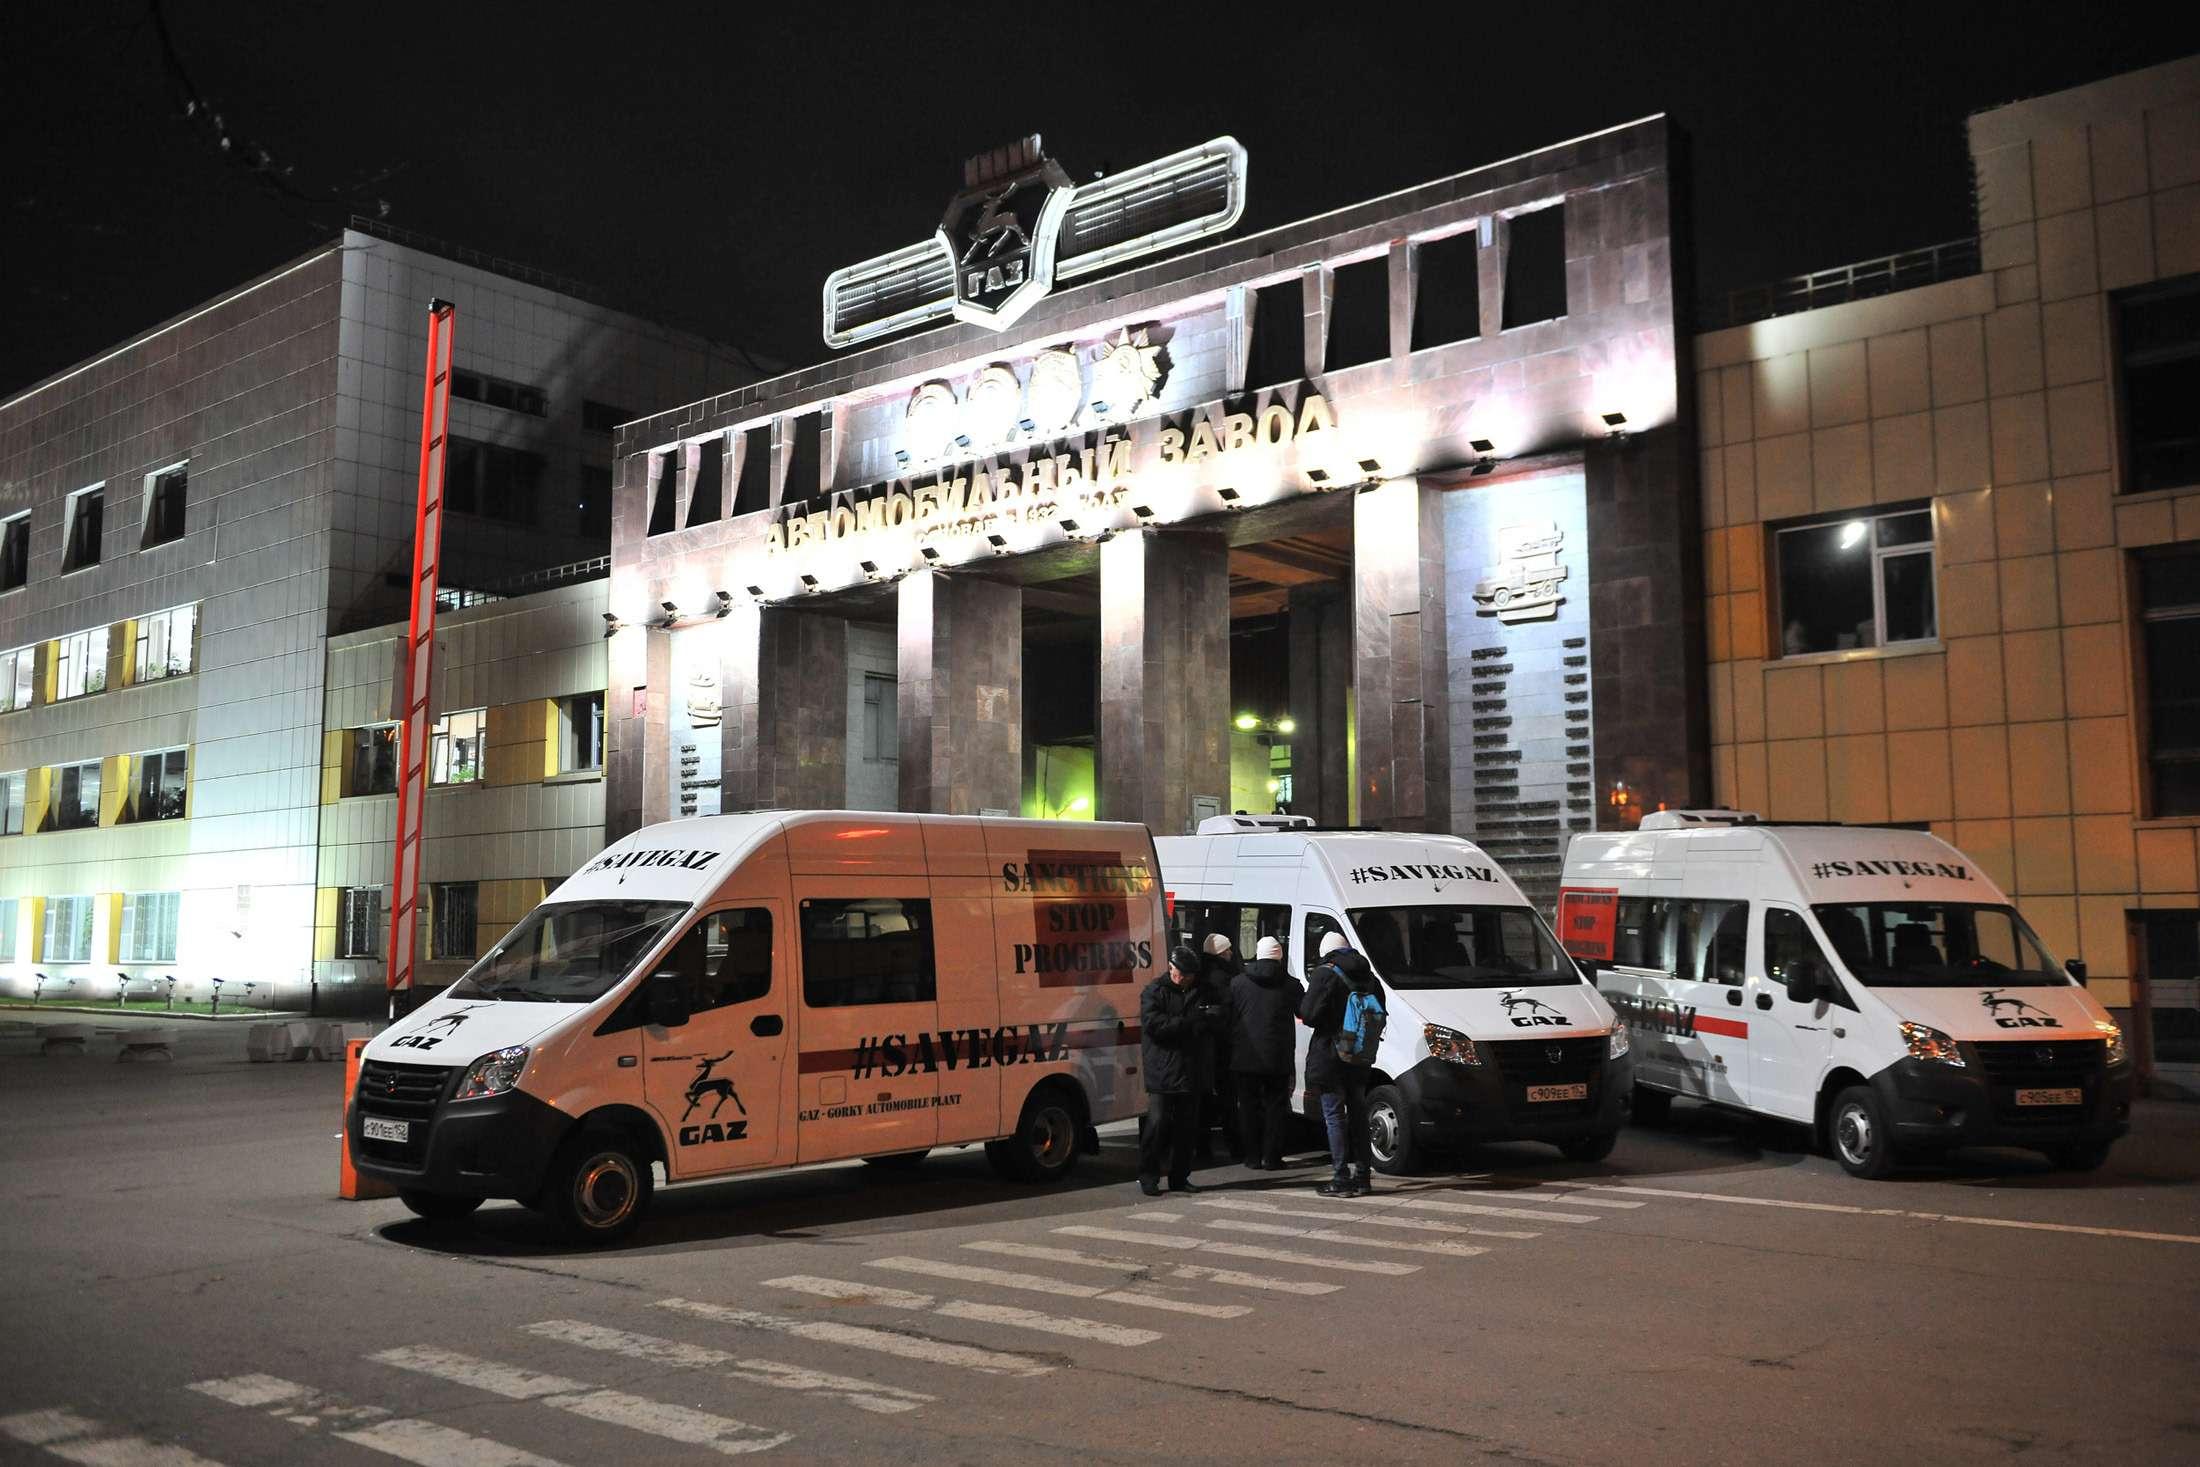 Охужэти санкции! Рабочие ГАЗа отправились протестовать вГерманию— фото 1012722